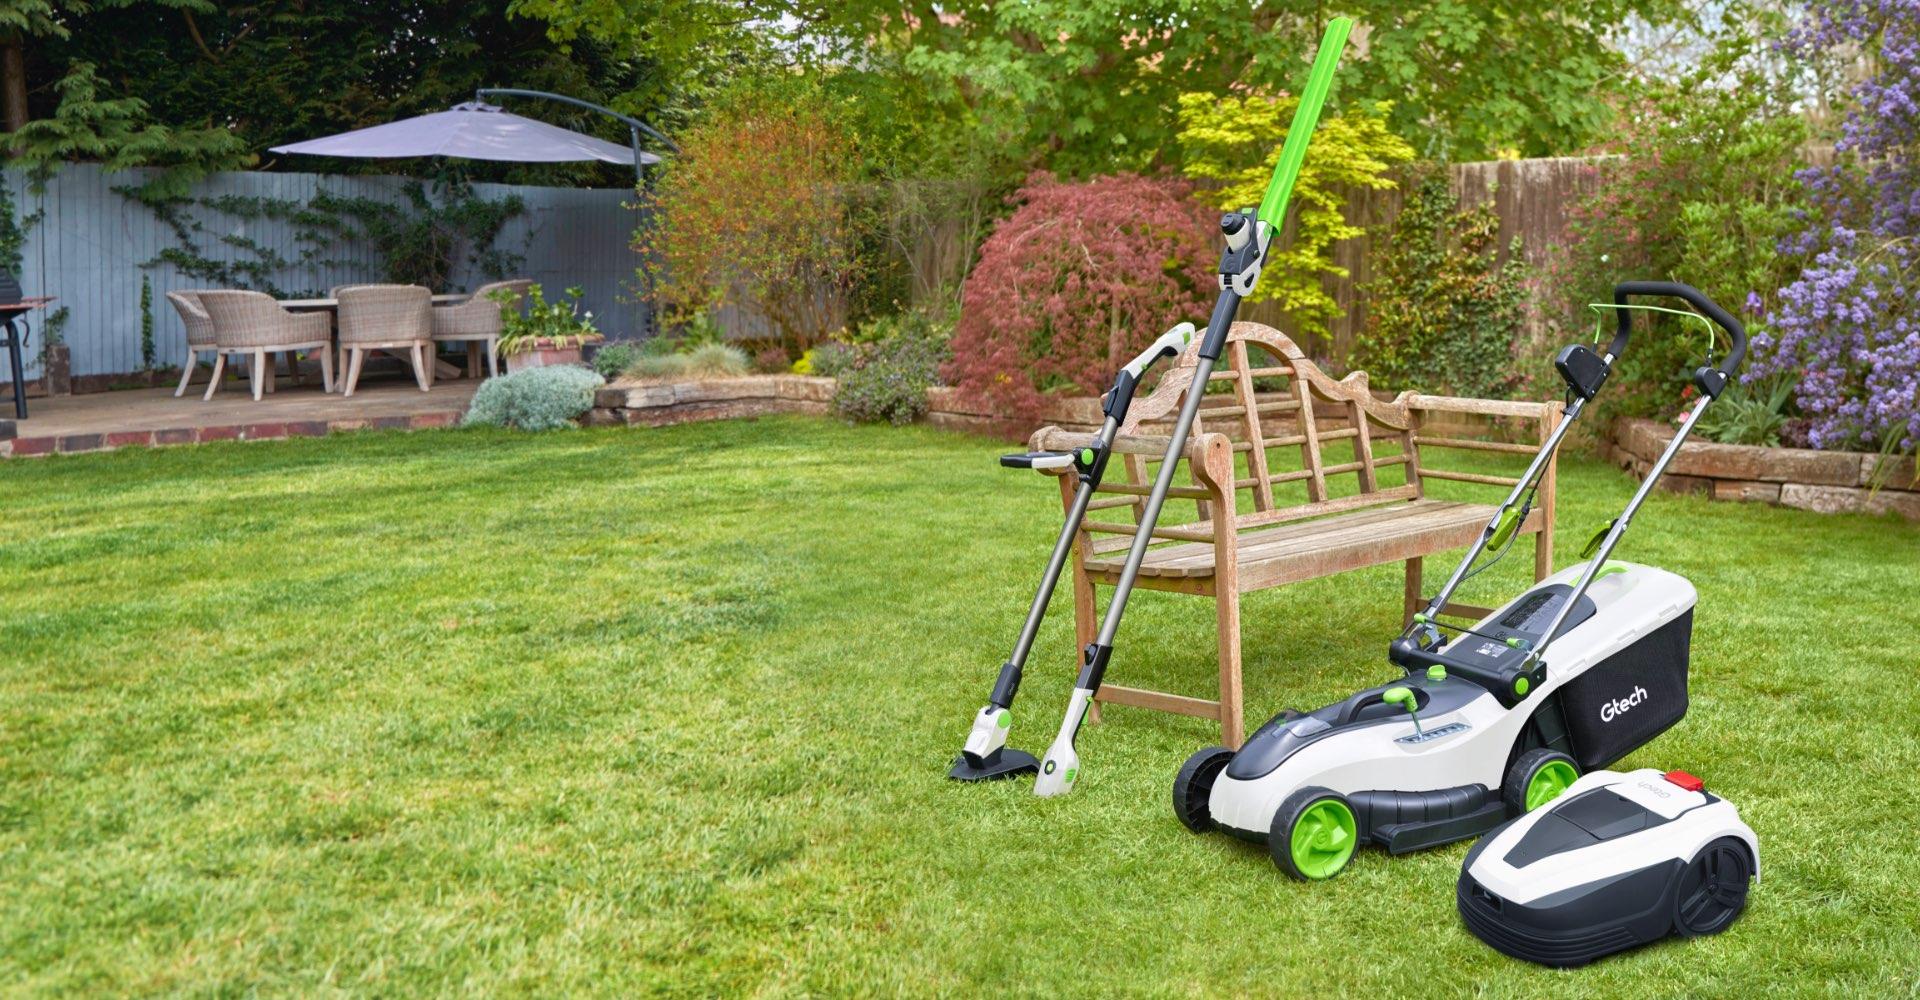 Gtech garden tools homepage